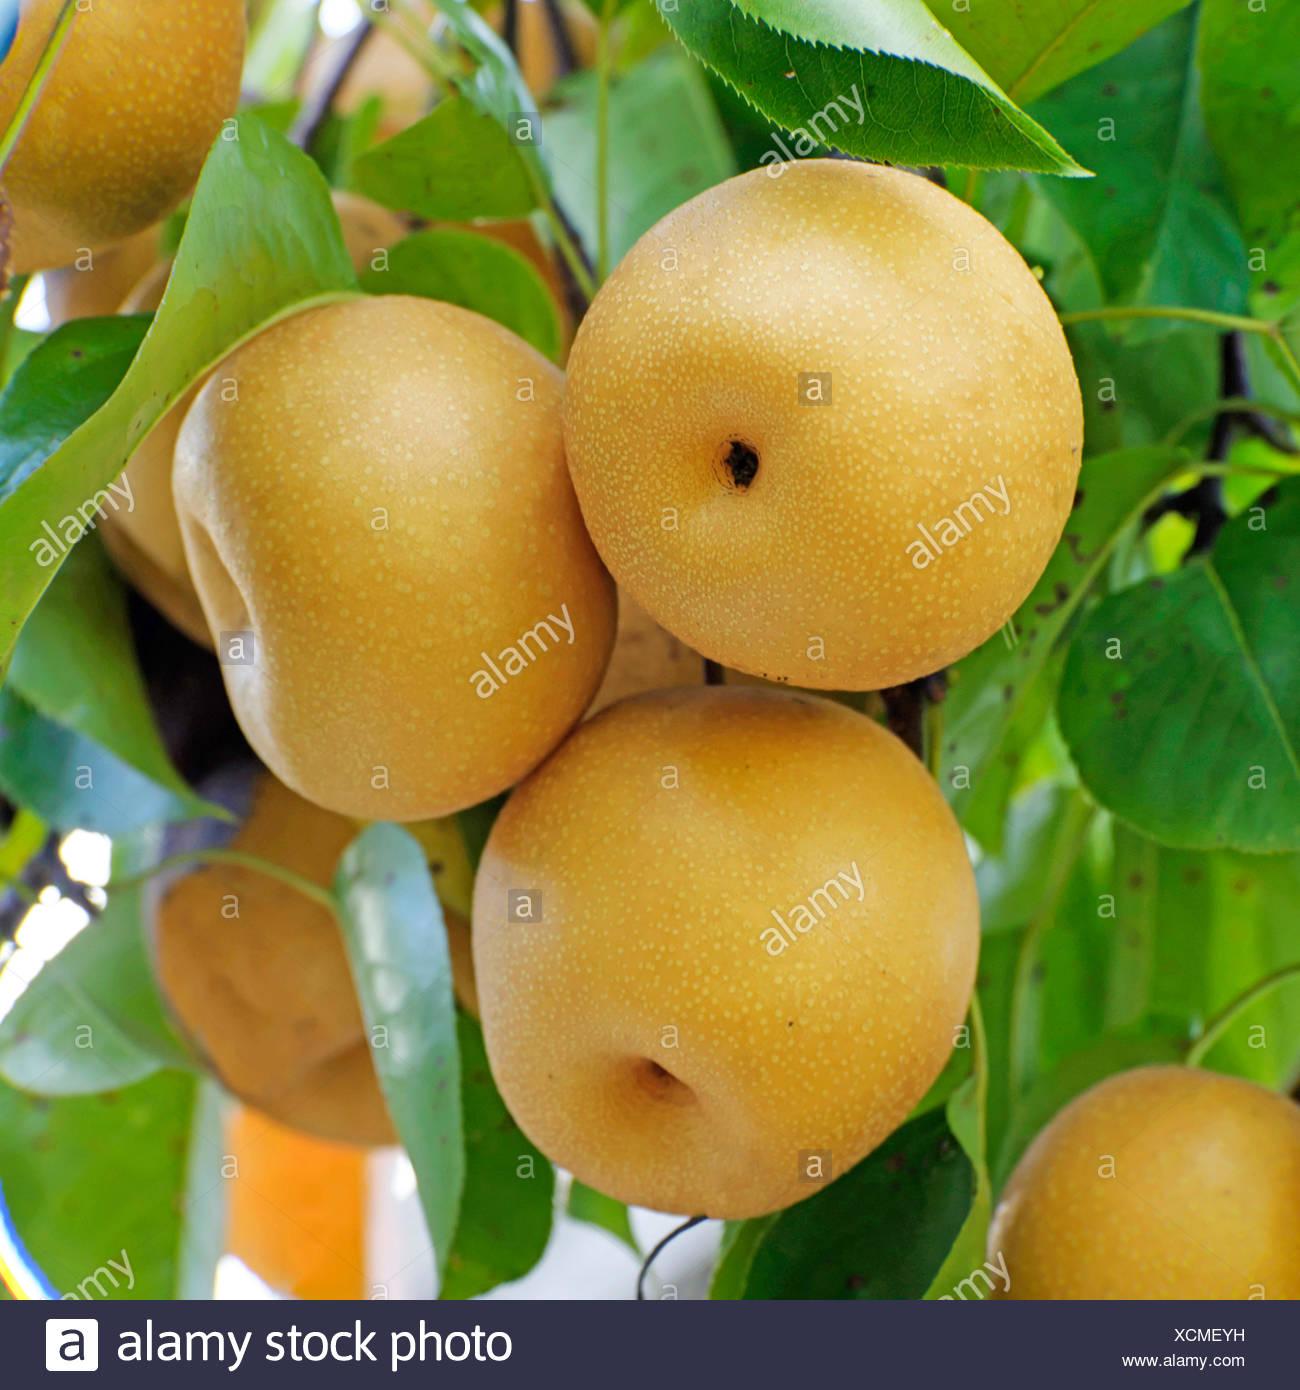 Shinseiki Asian pear, Asian pear, Nashi Pear (Pyrus pyrifolia 'Hosui',